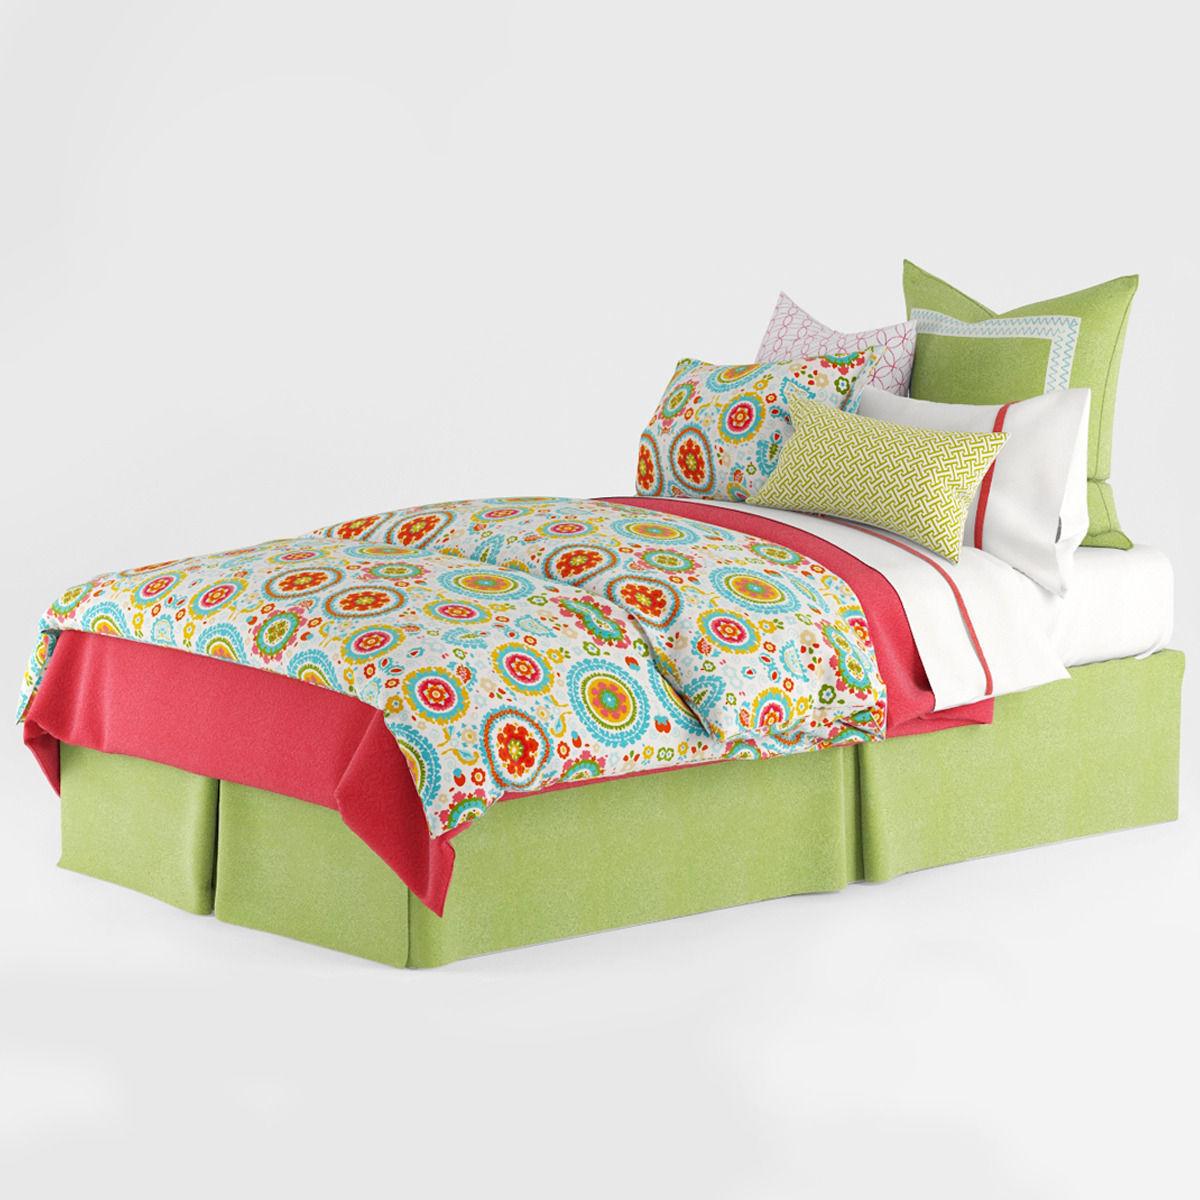 Kids Bedroom 3d Model bedclothes kids green 3d model max obj fbx